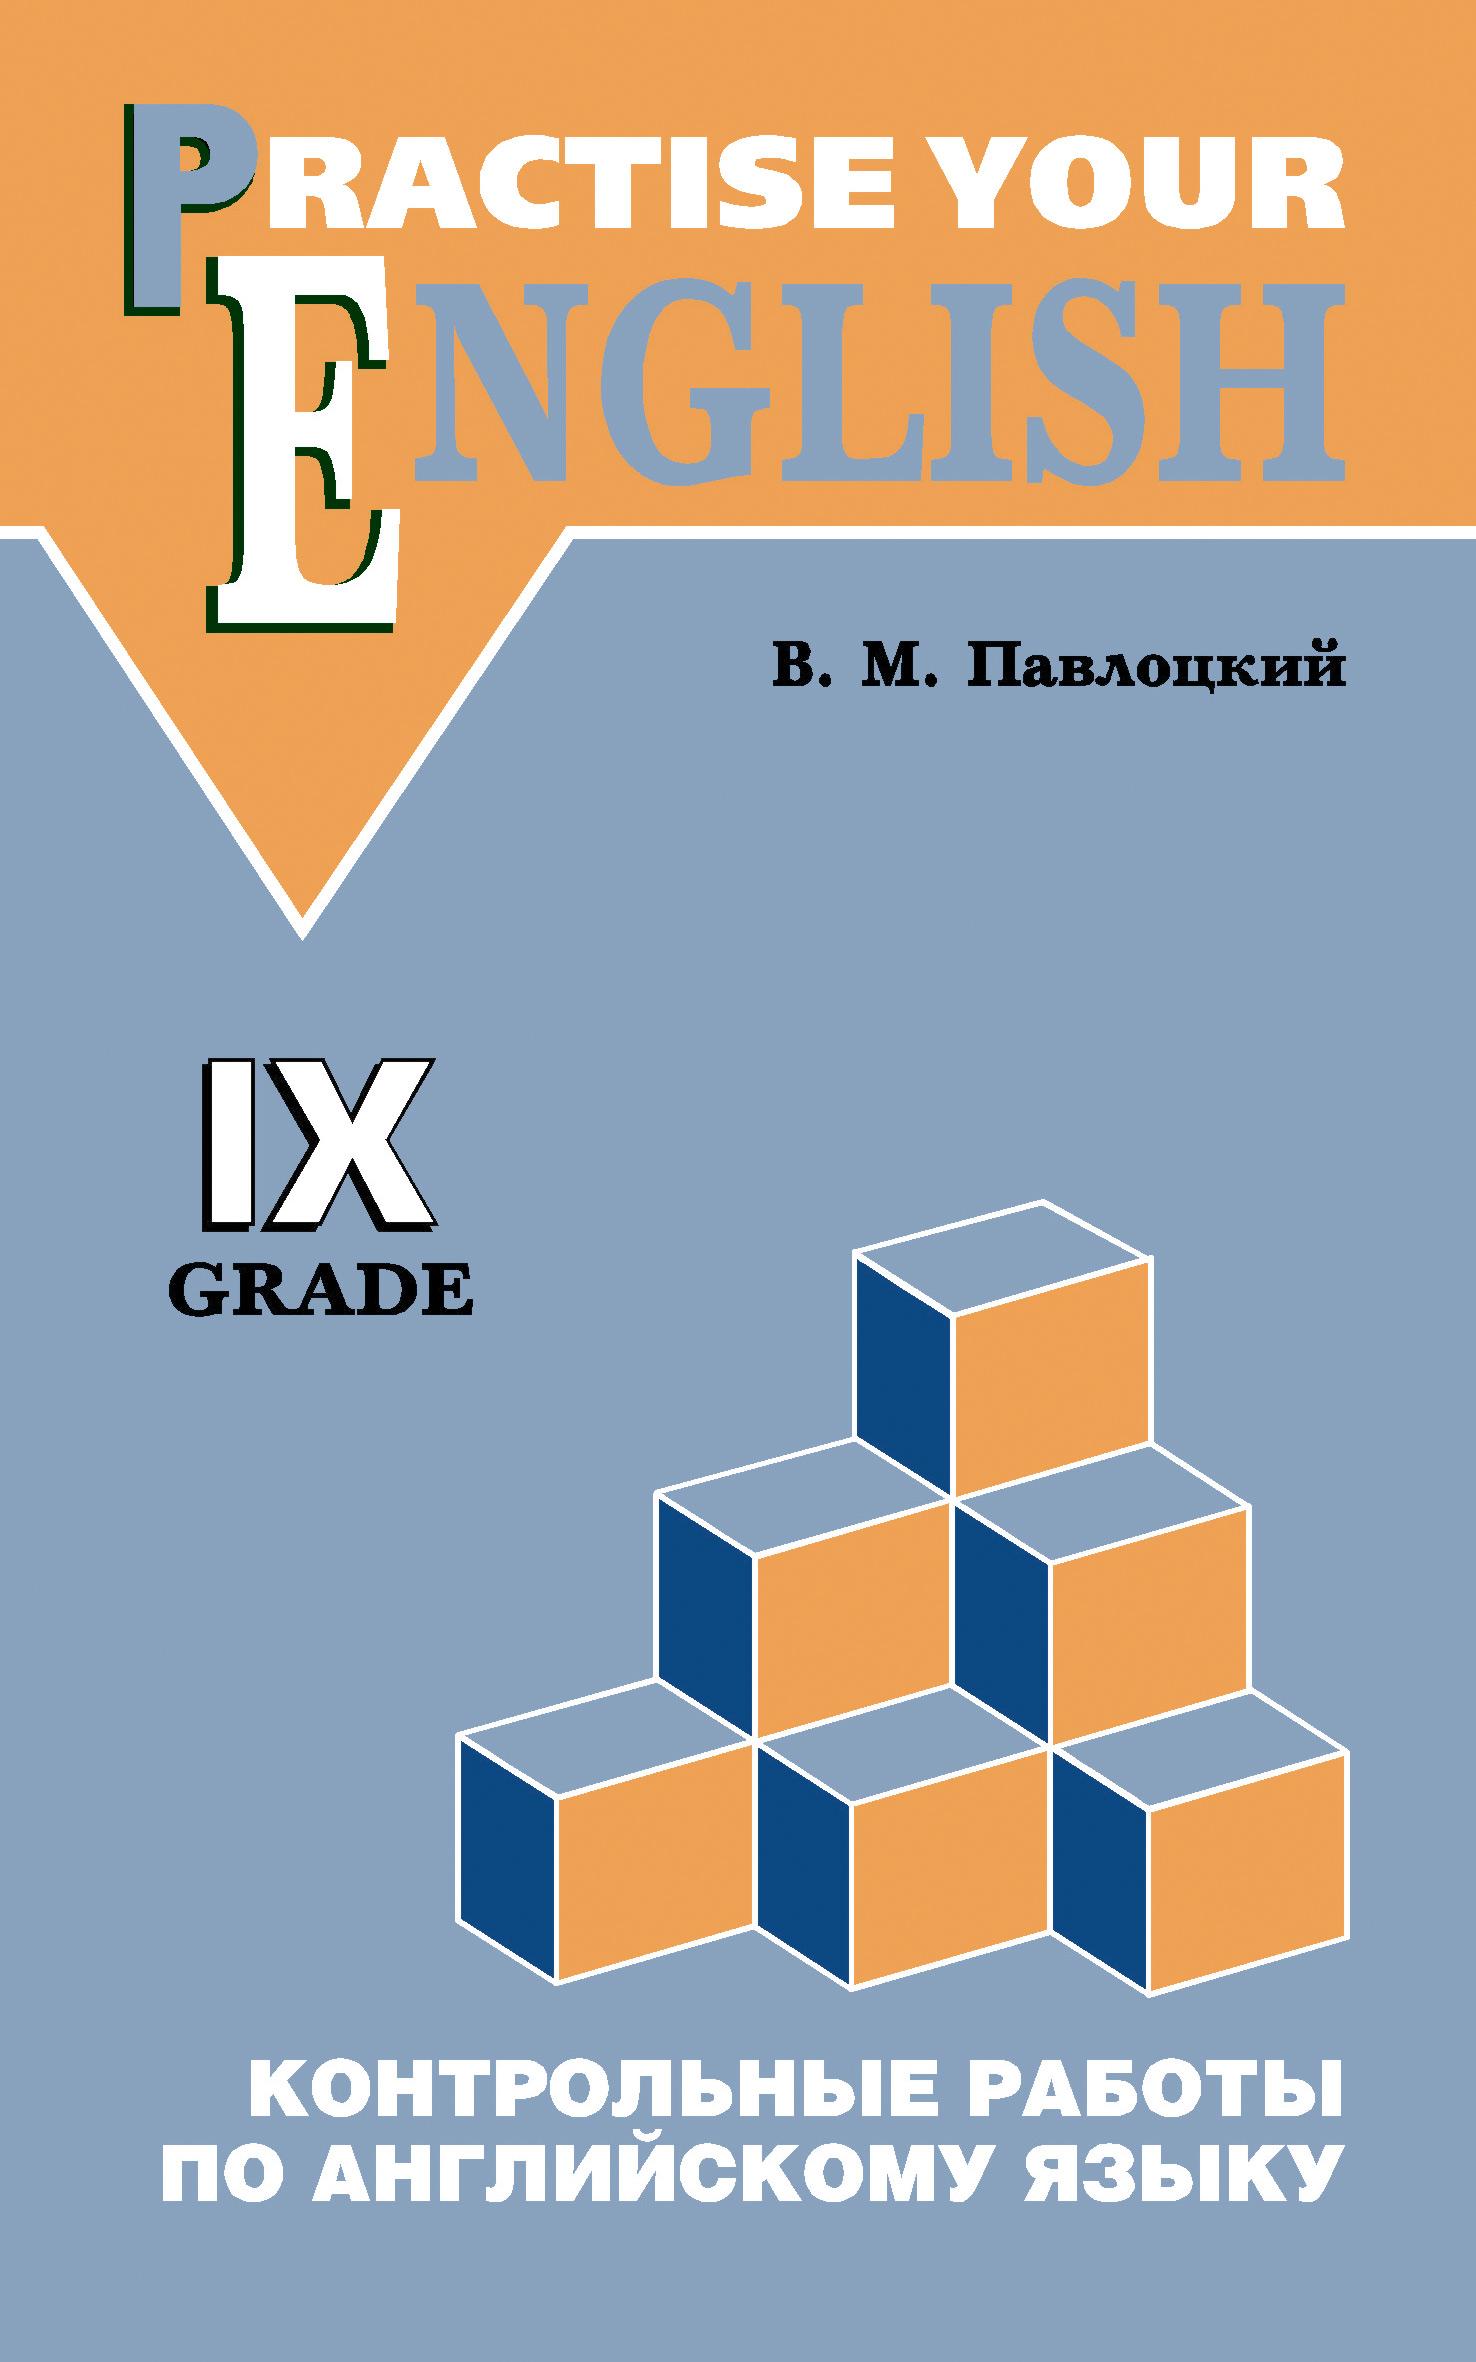 Контрольные работы по английскому языку. Учебное пособие для учащихся IX класса